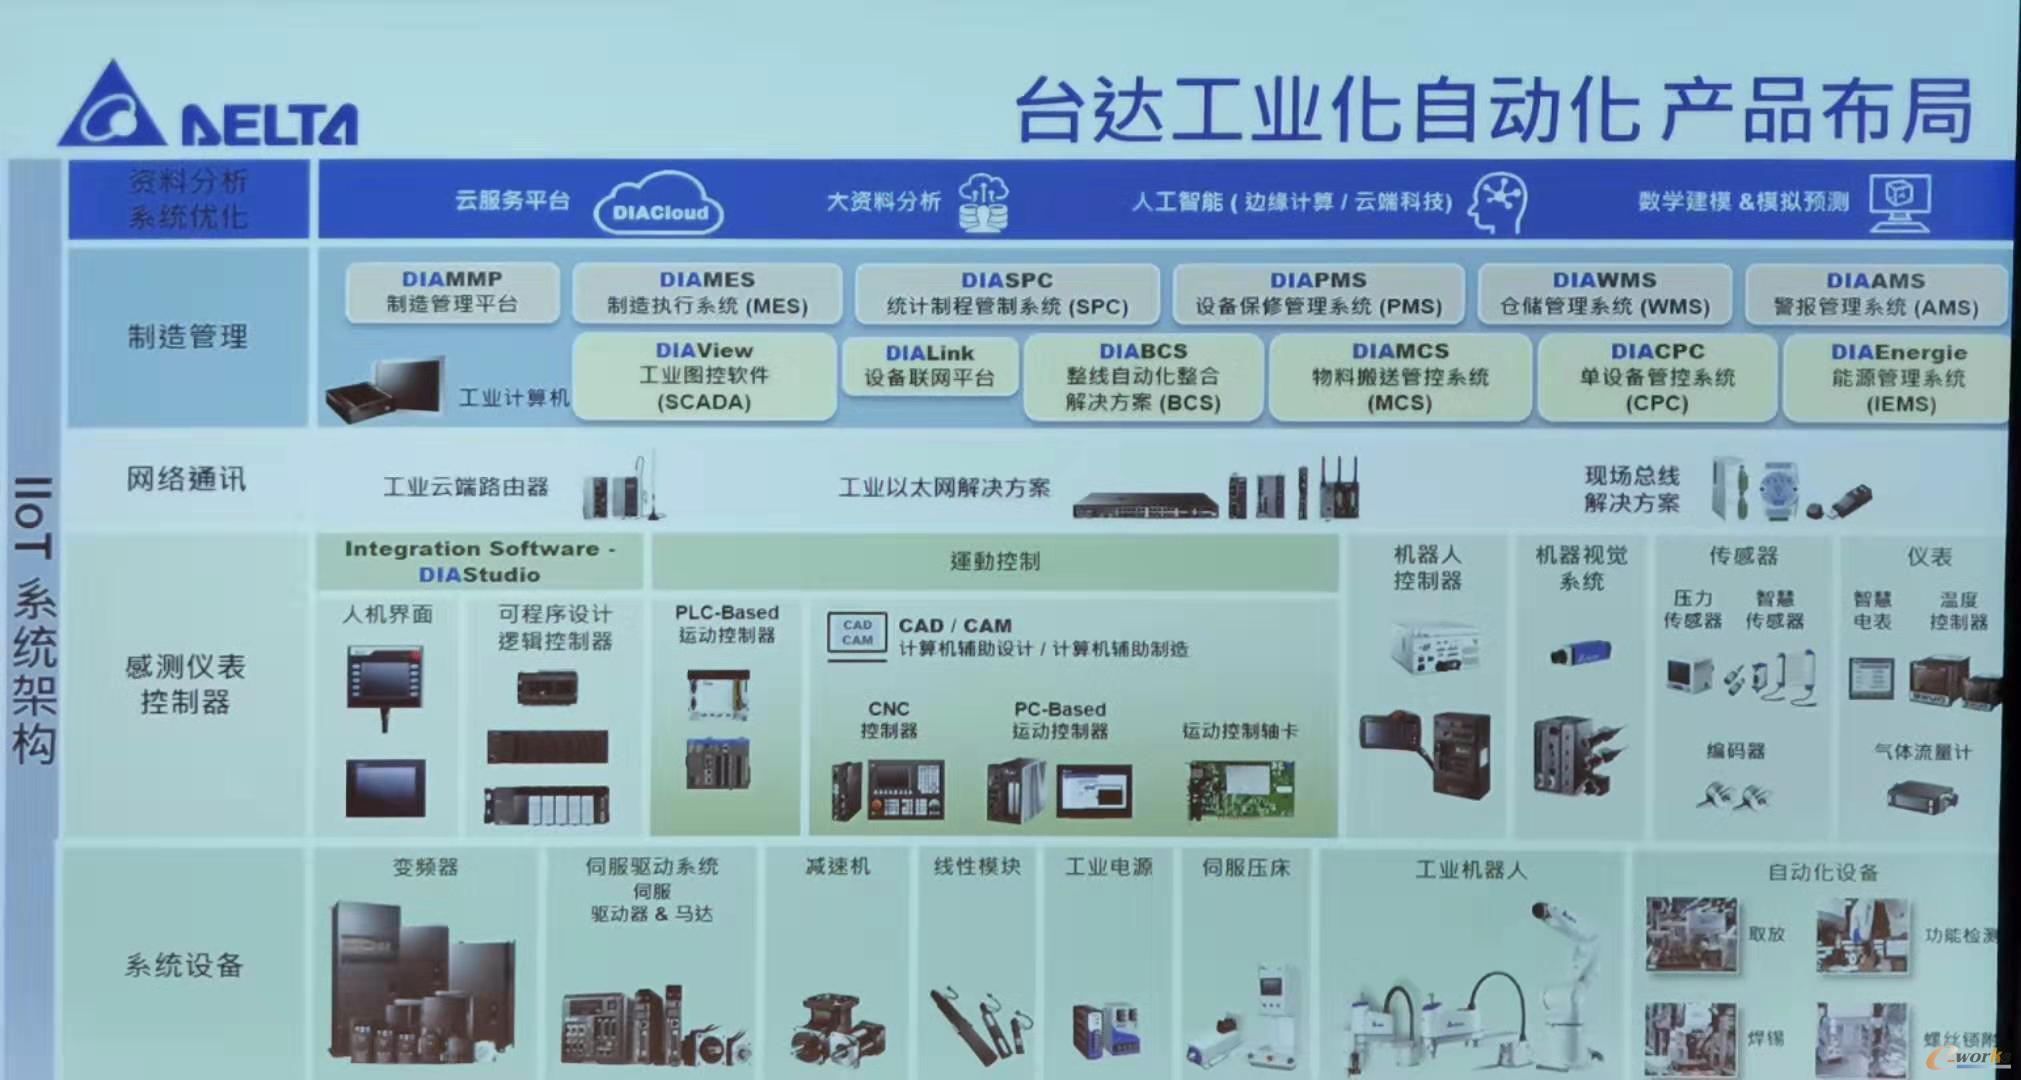 台达工业化自动化产品布局图